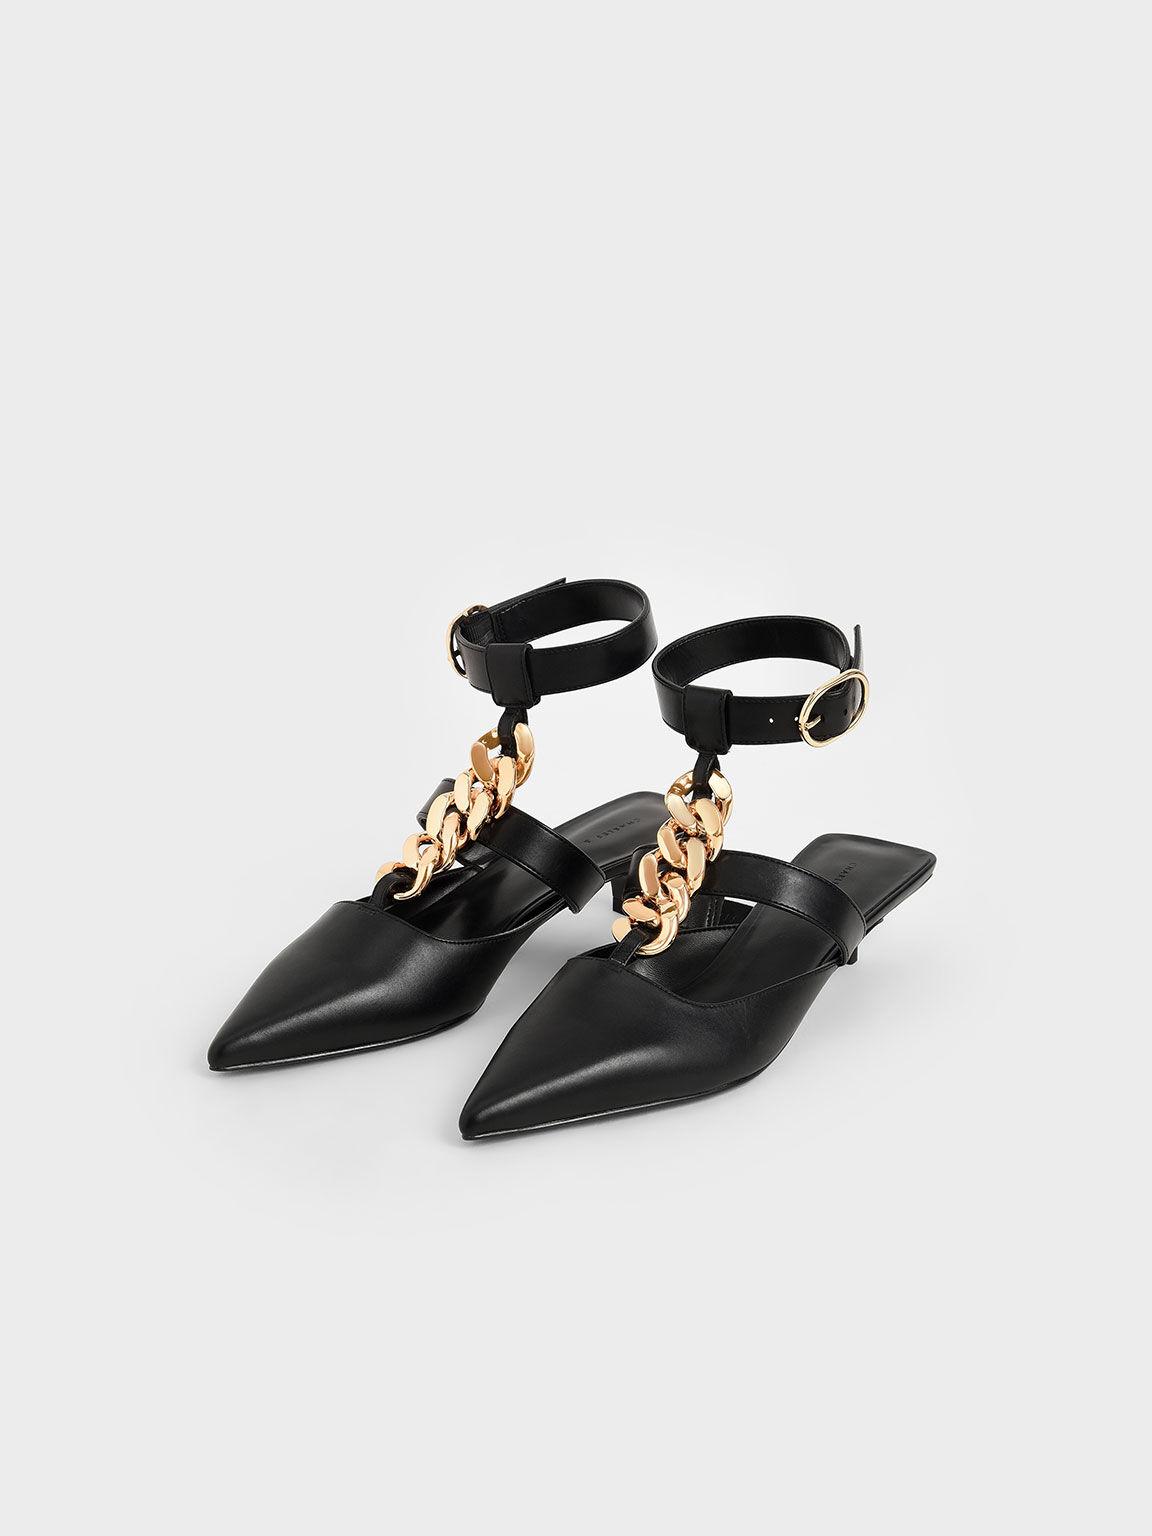 粗練繞踝尖頭鞋, 黑色, hi-res